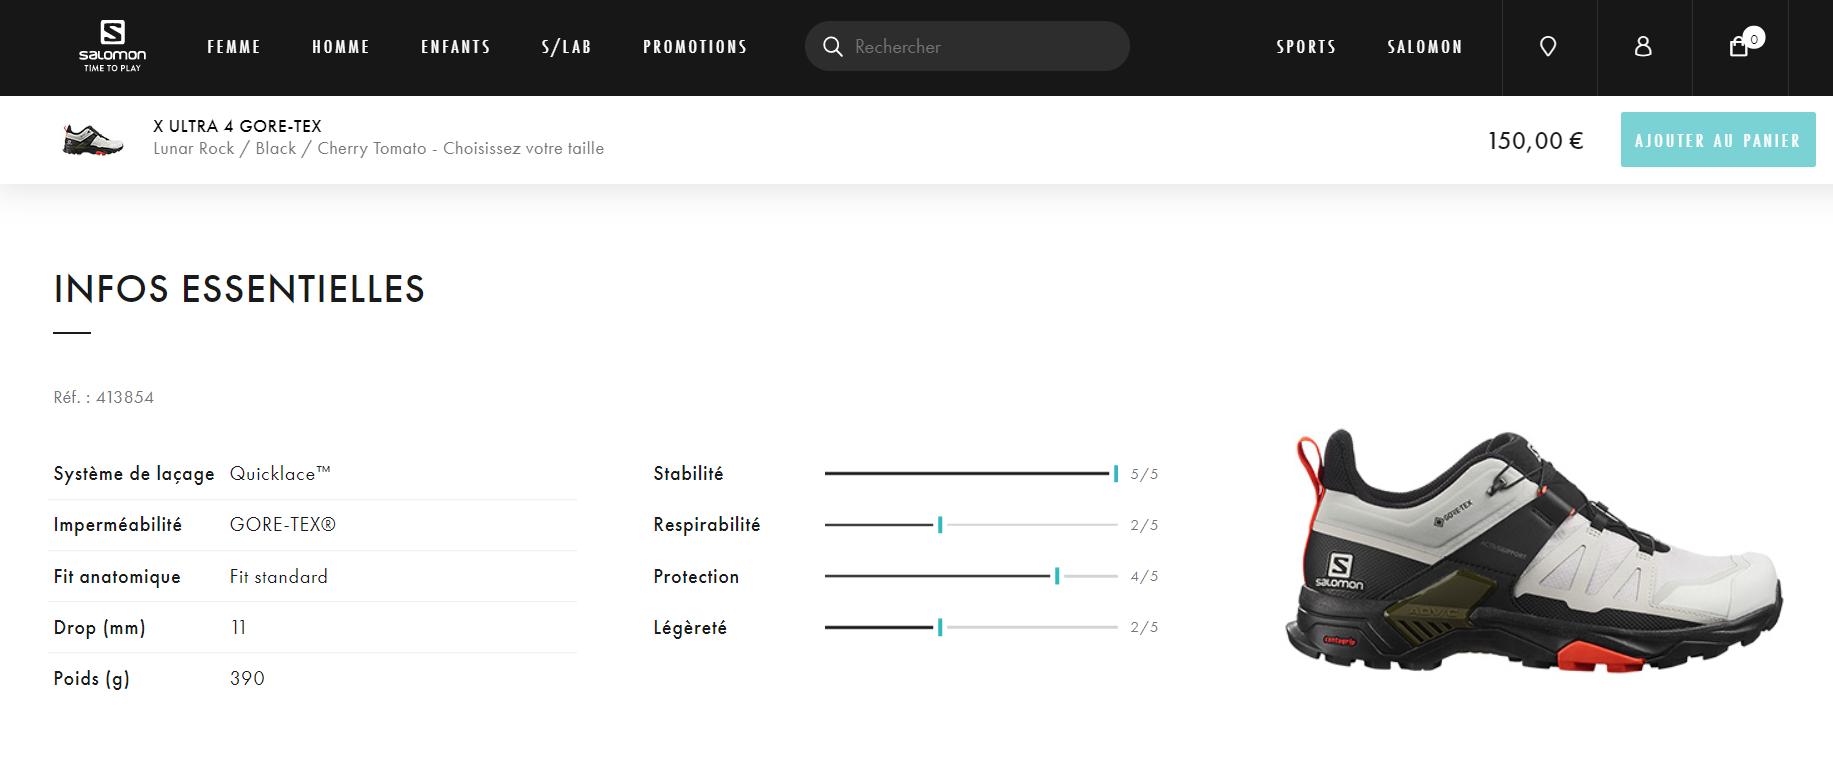 Exemple de page produit sur le site Salomon : les caractéristiques du produit sont présentées sous la forme de curseurs